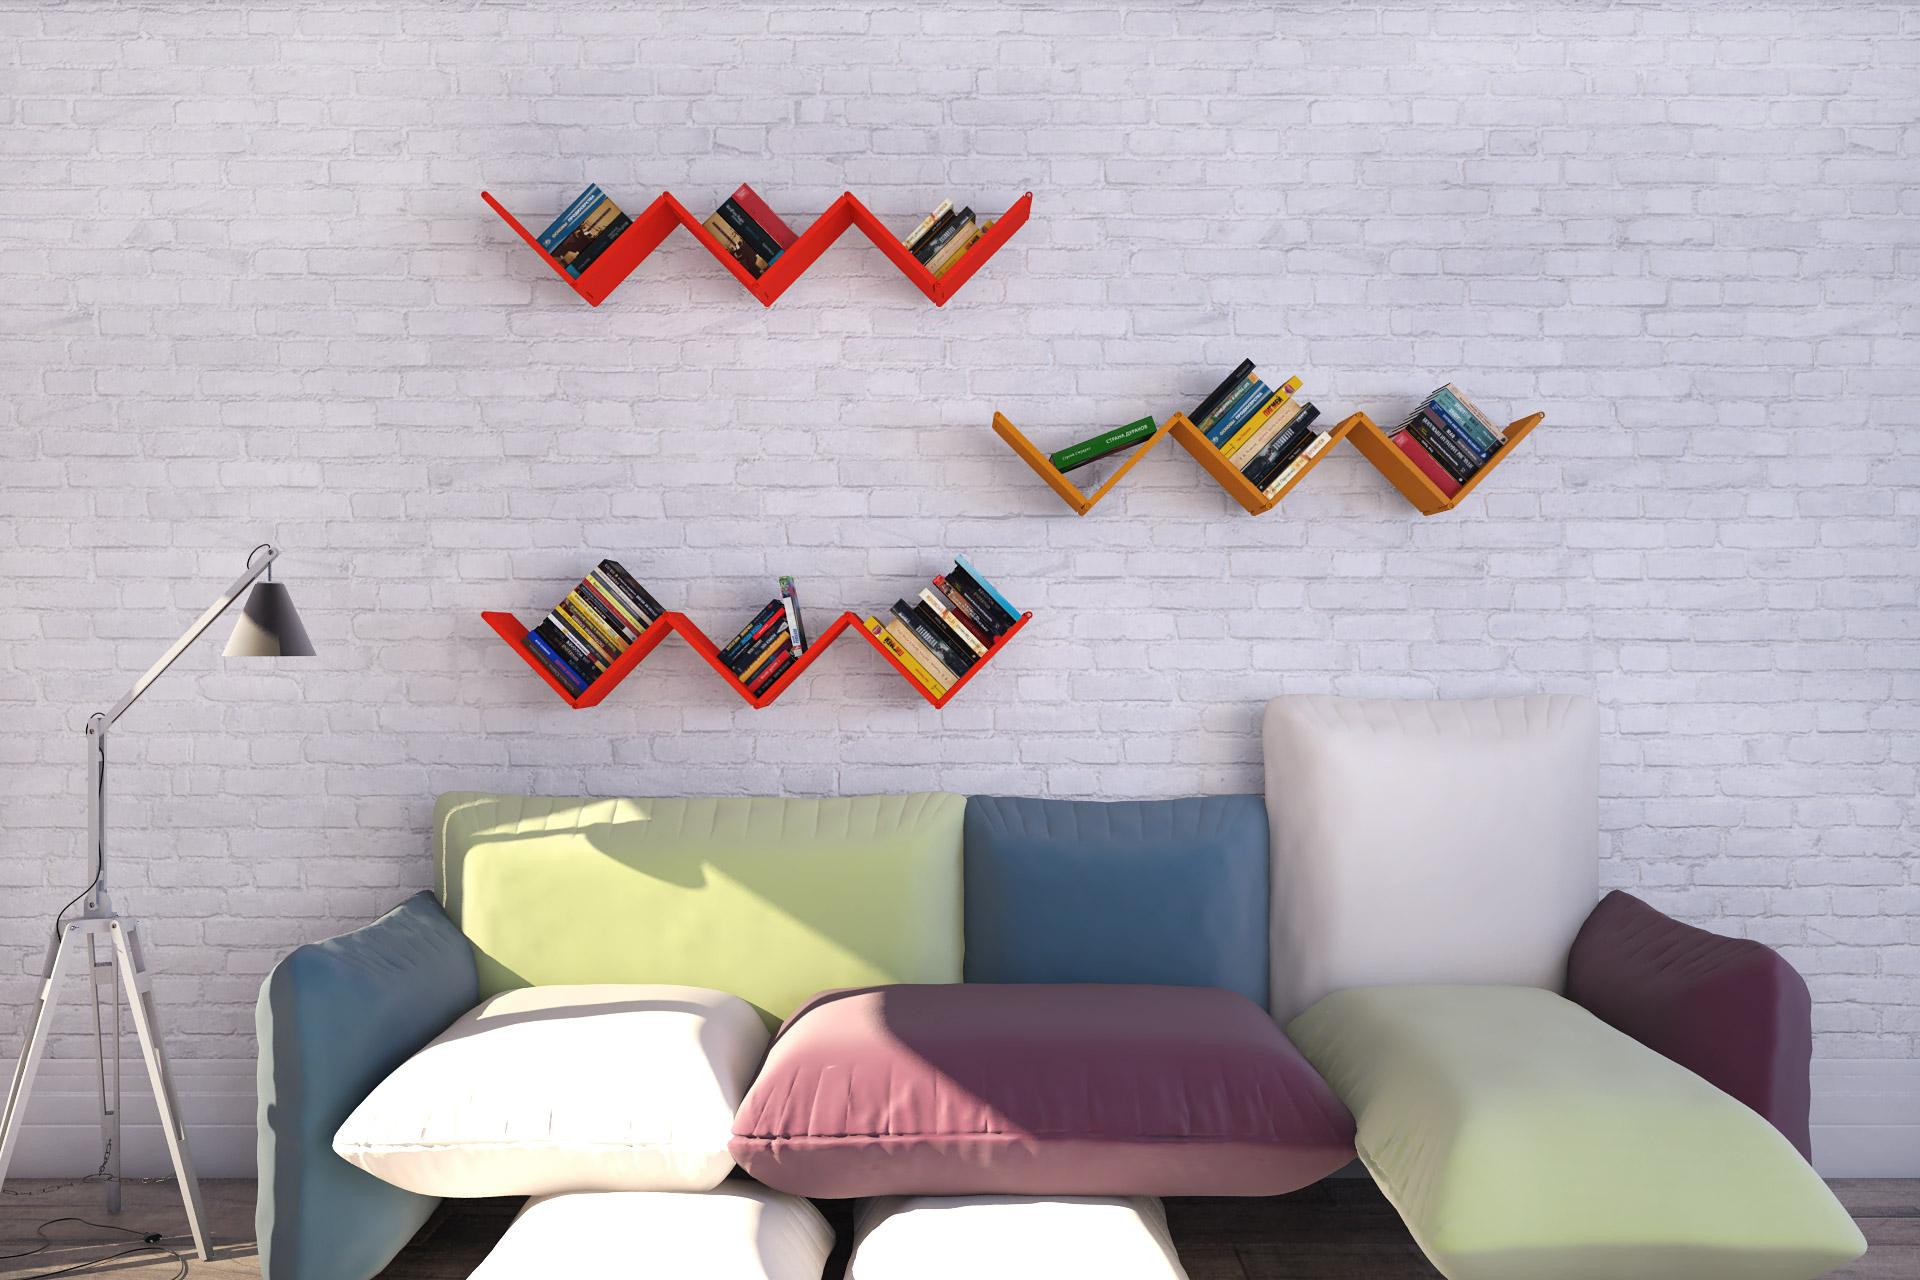 Размещение полок на стене: 5 стильных вариантов